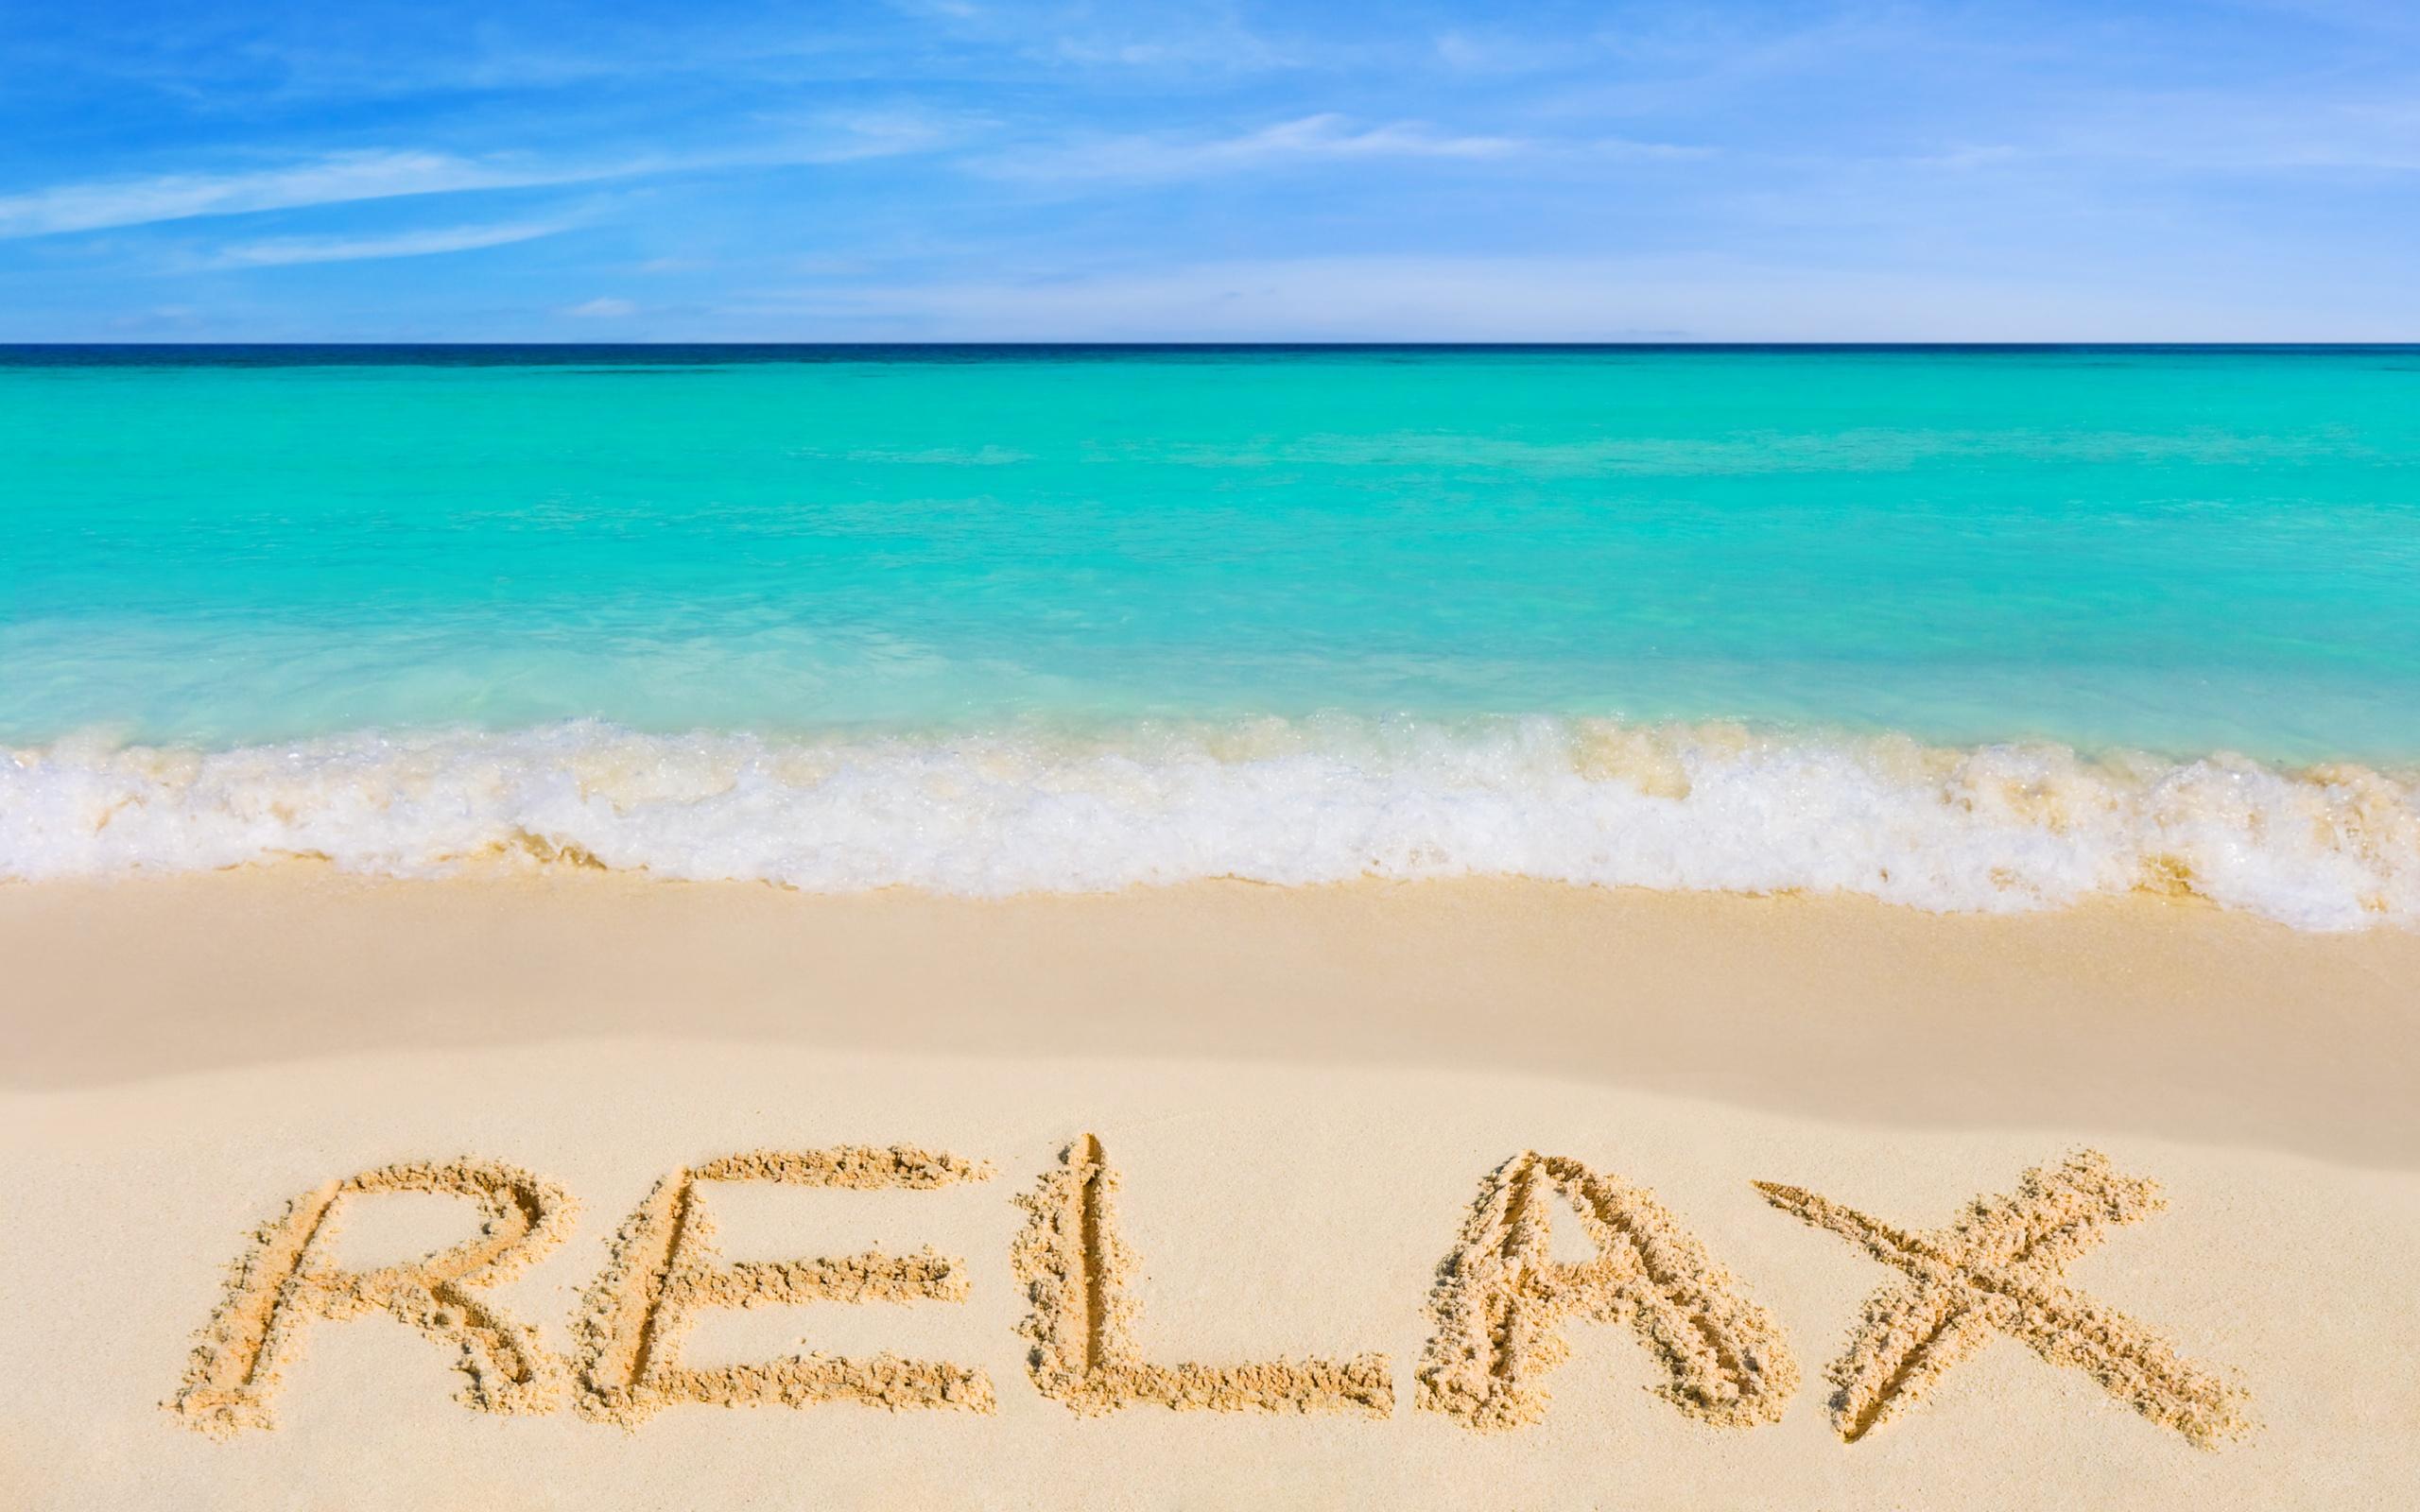 للمتداول والمضارب: تعرف على أهمية الإجازة والابتعاد عن التداول اليومي